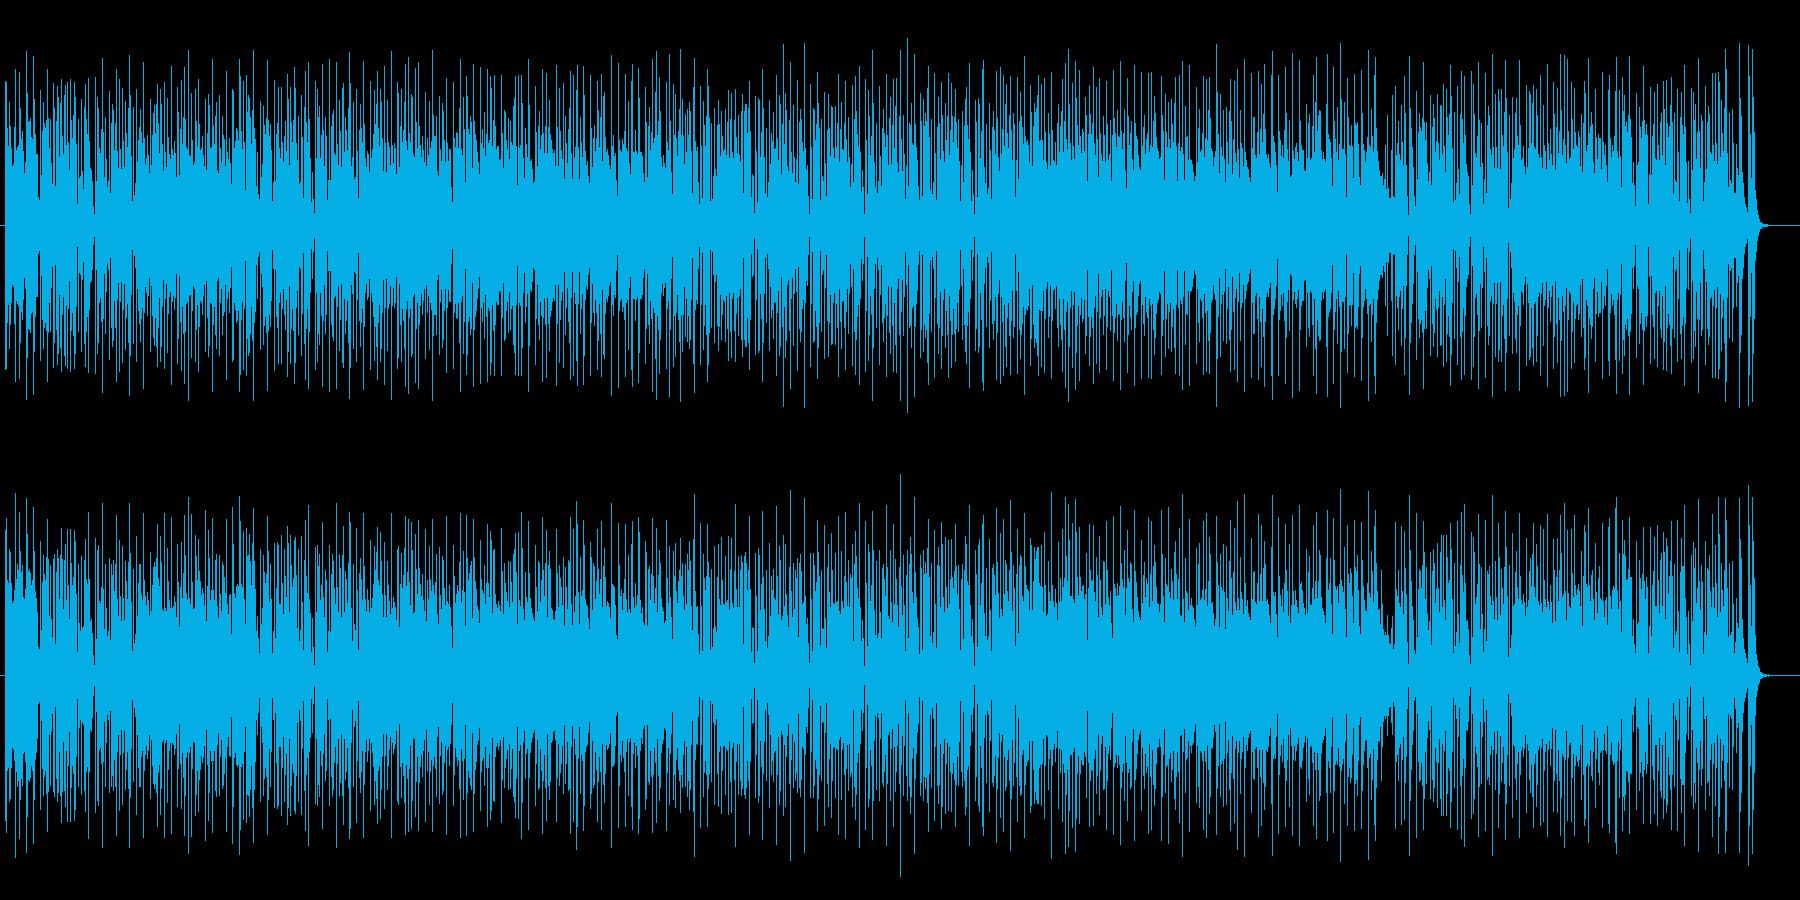 軽快でお洒落なジャズポップスの再生済みの波形